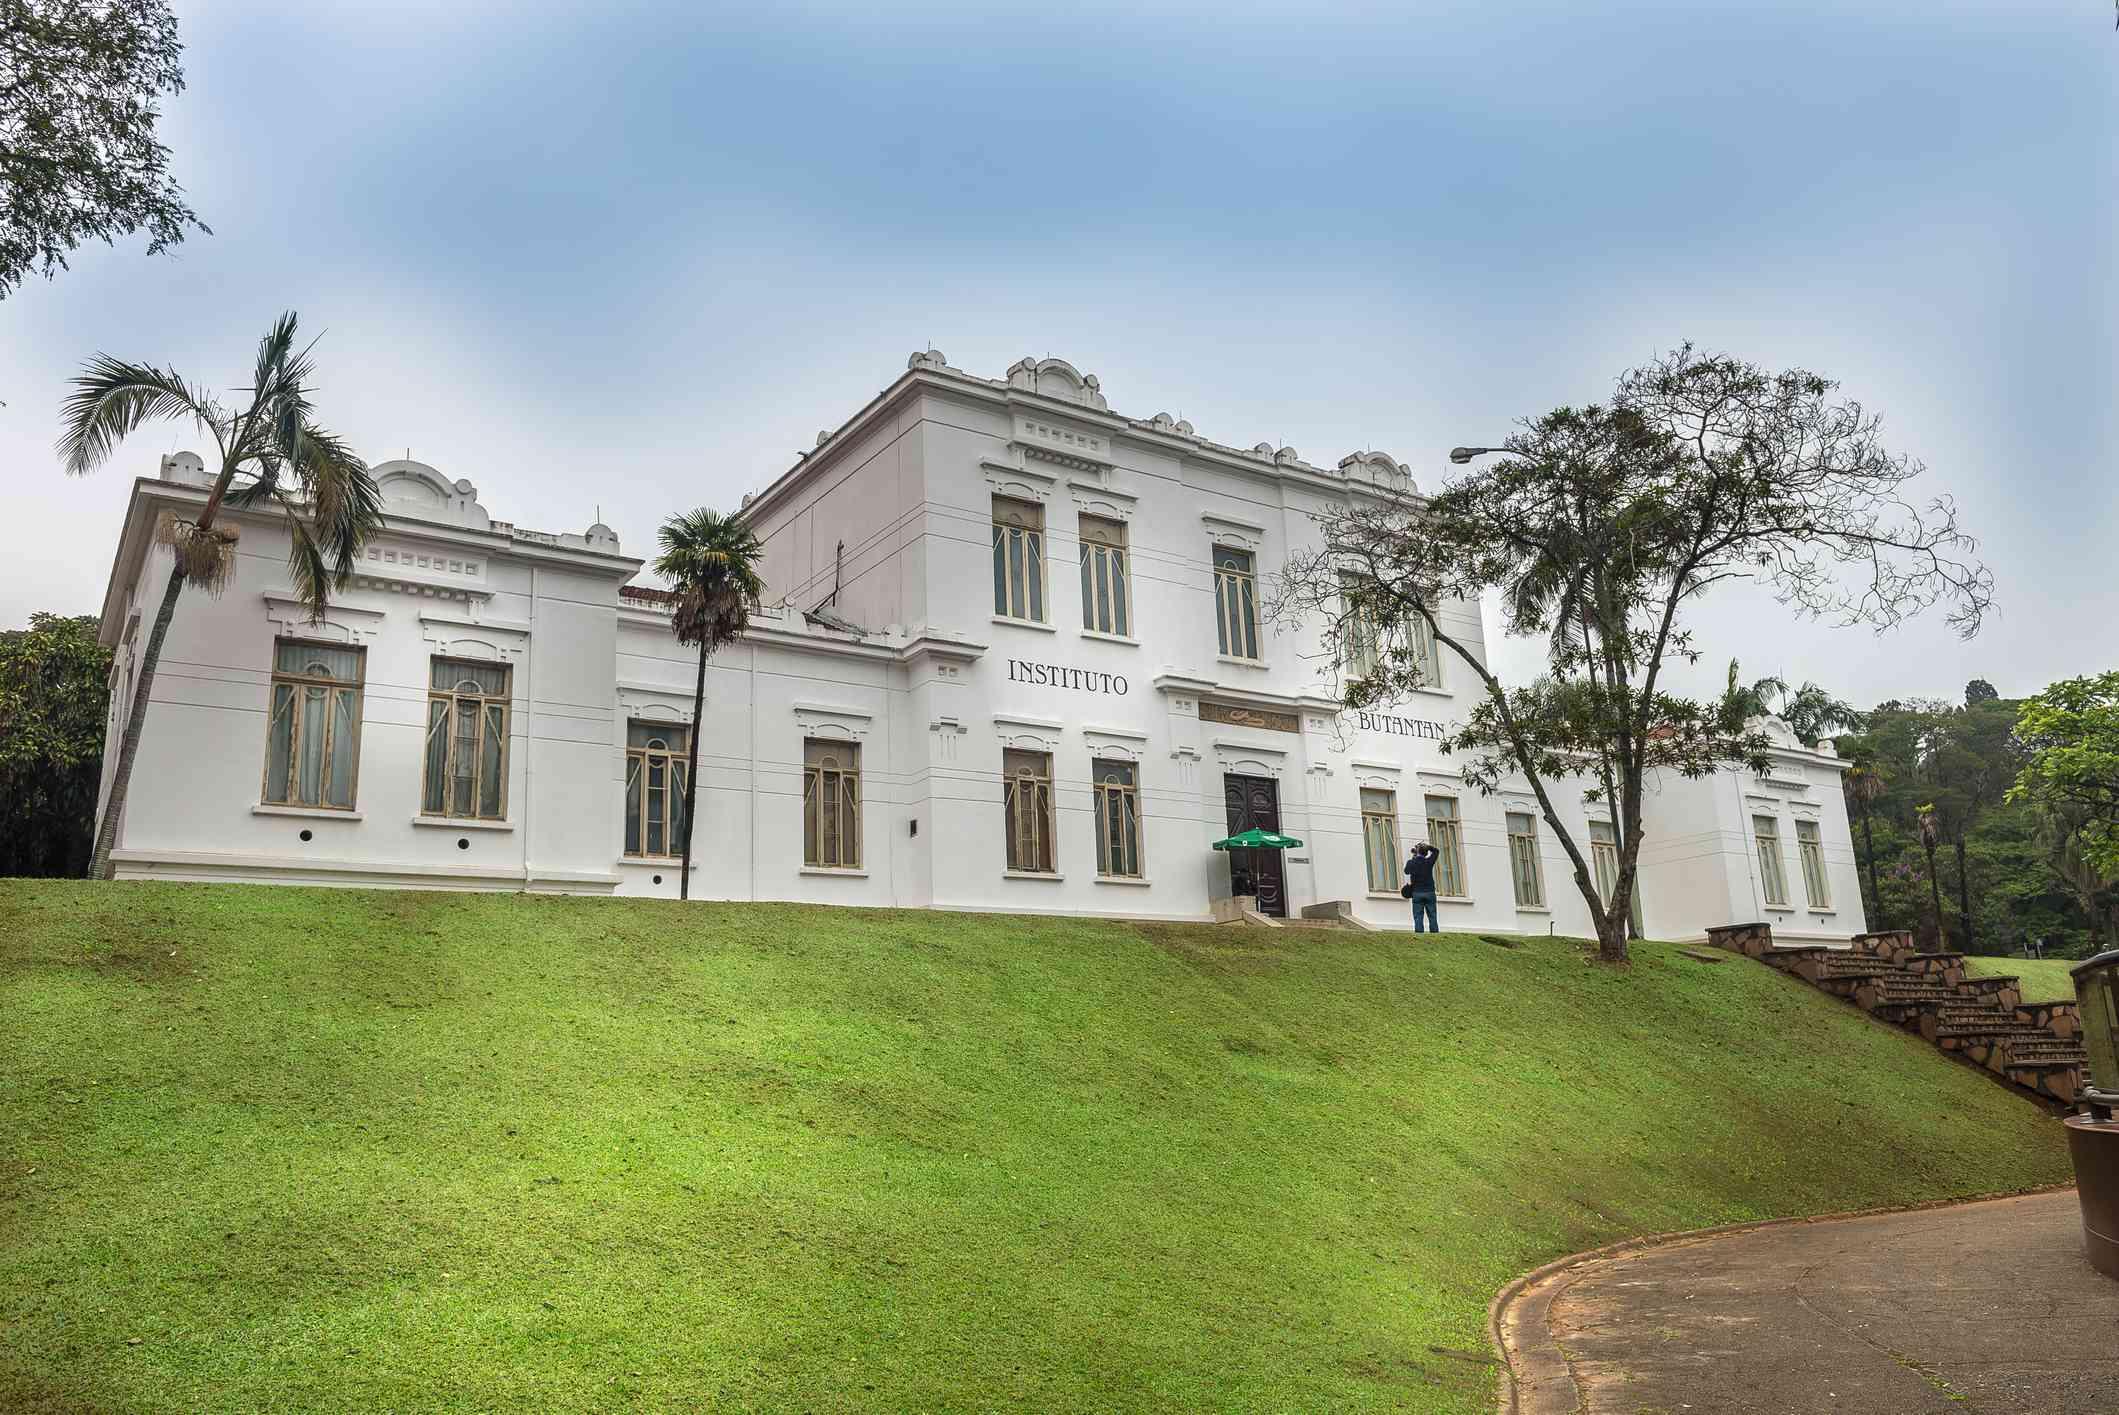 Facade of Vital Brazil Building in Butantan Institute